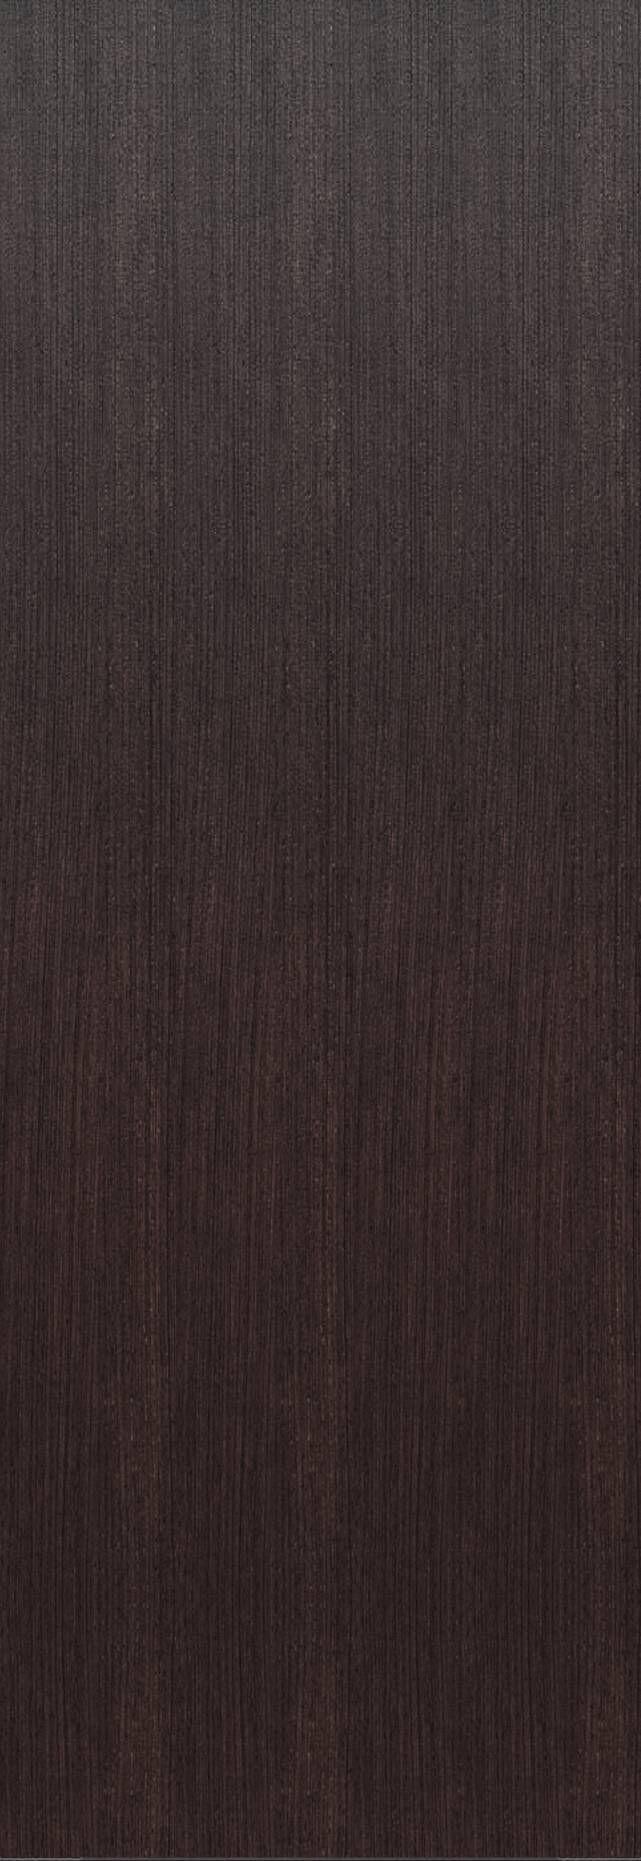 Tivoli А-1 Invisible цвет - Венге Шоколад Без стекла (ДГ)